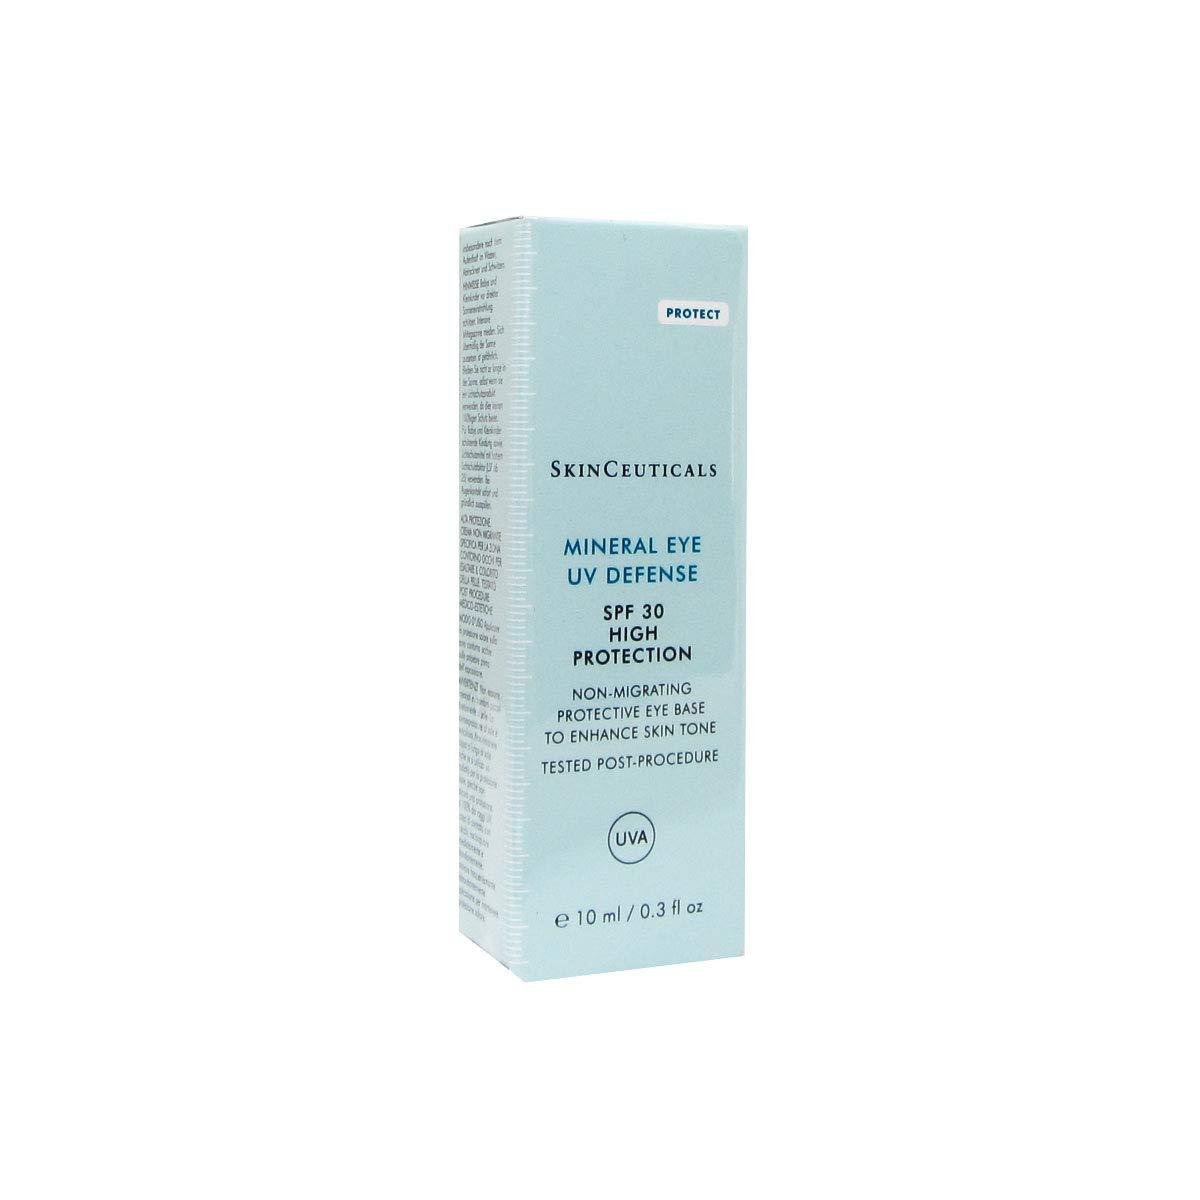 Skinceuticals Mineral Eye Uv Defense Protezione Solare Contorno Occhi Spf30 10ml